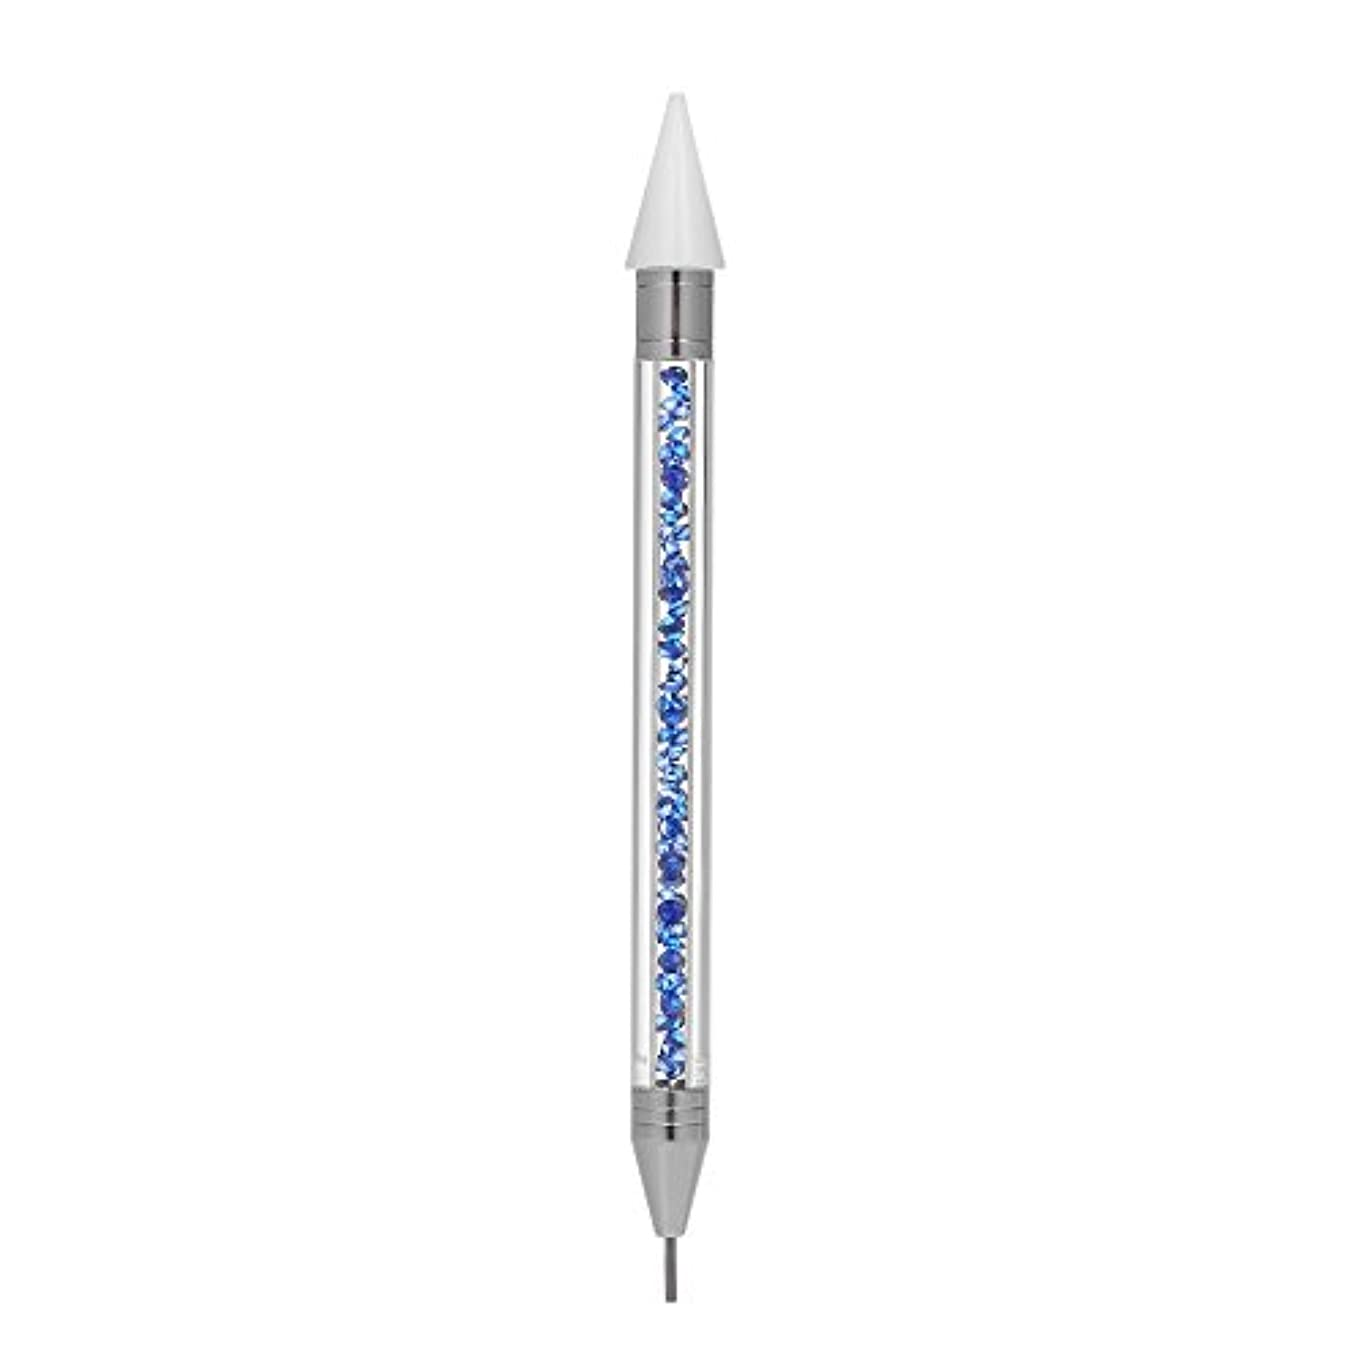 Decdeal ラインストーンドットペン ダブルヘッド ネイルドットツール ダブルエンドチップ ビーズピッカーワックスペン マニキュアツール ブルー 1Pc